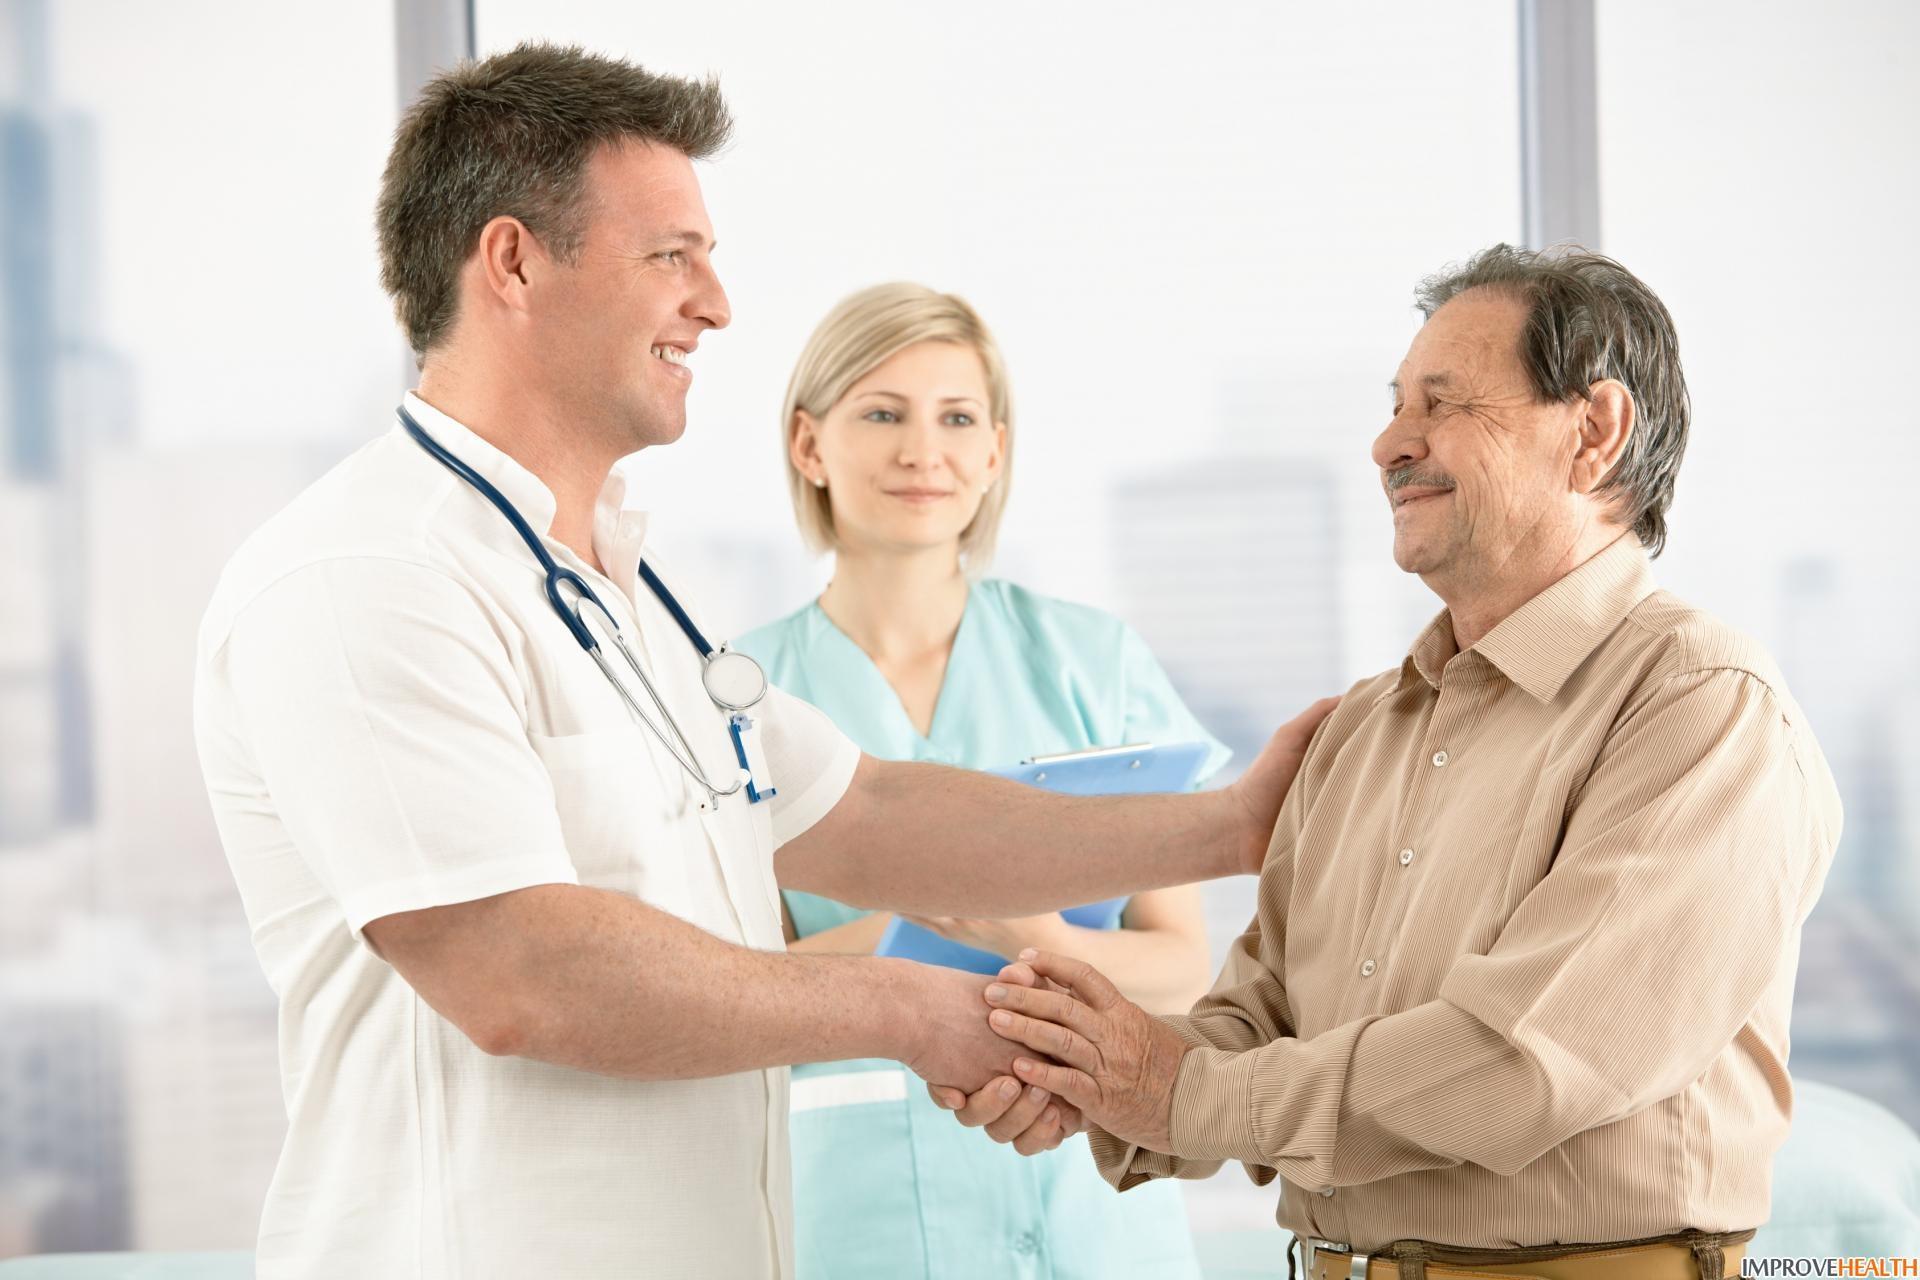 оформить потребительский кредит на медицинские услуги